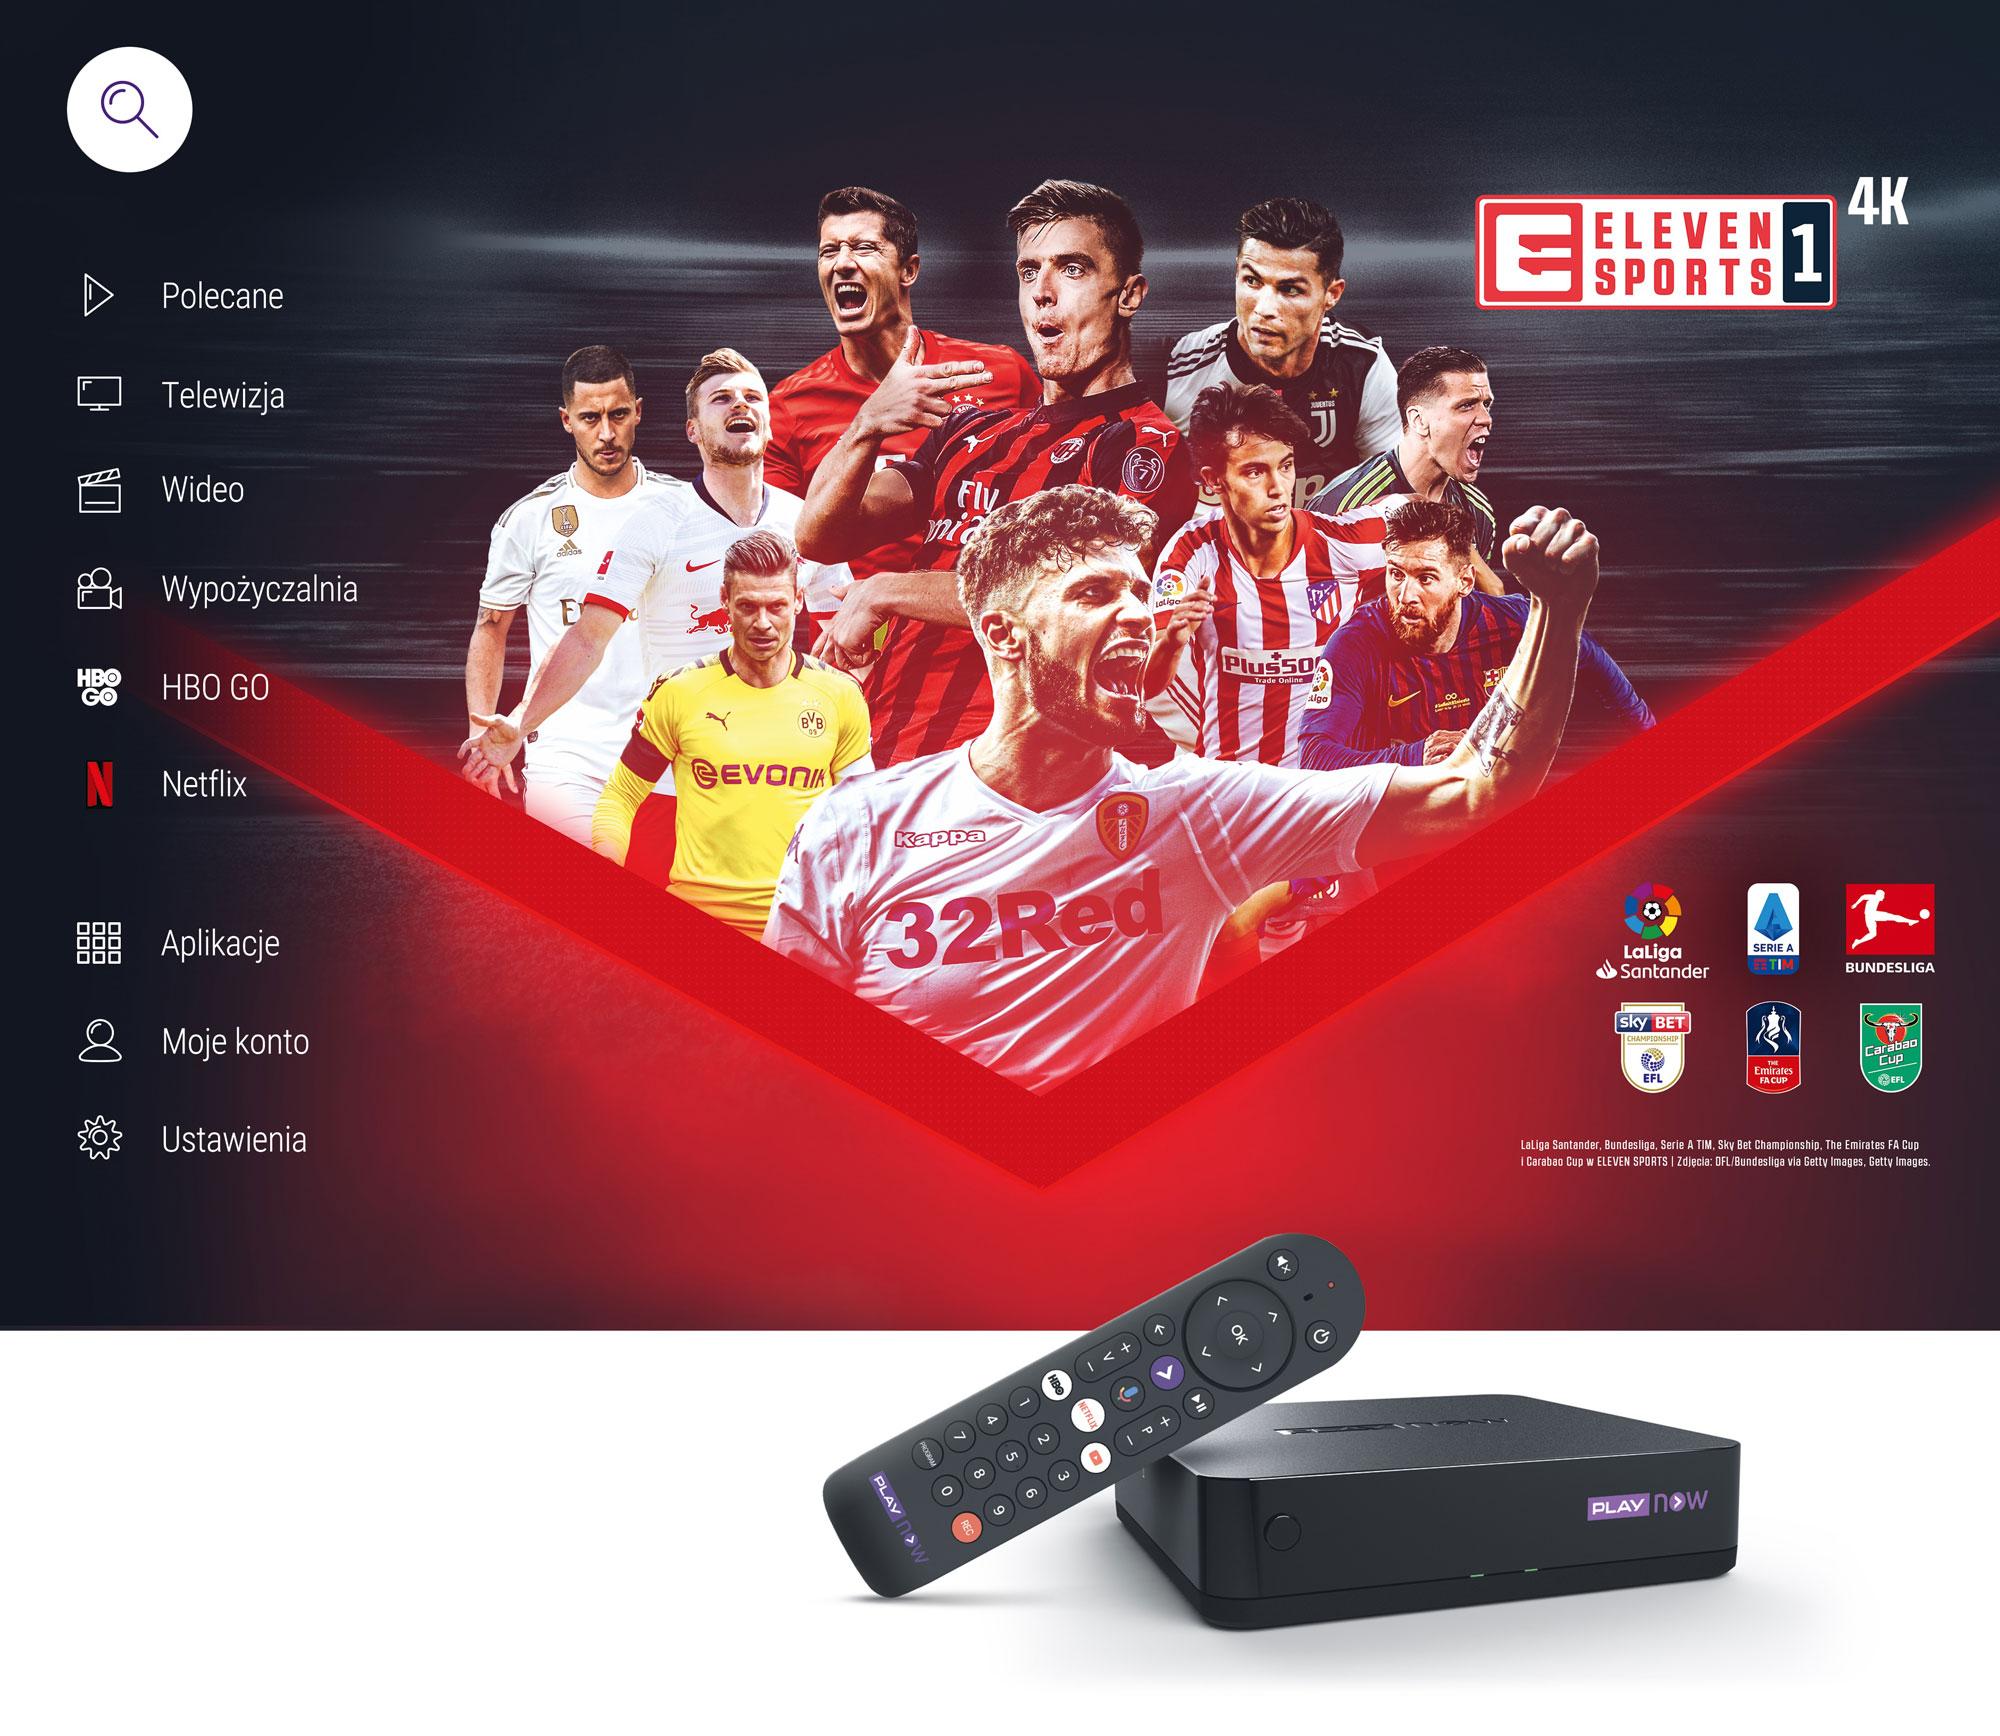 Eleven Sports w 4K dostępne w PLAY NOW TV BOX